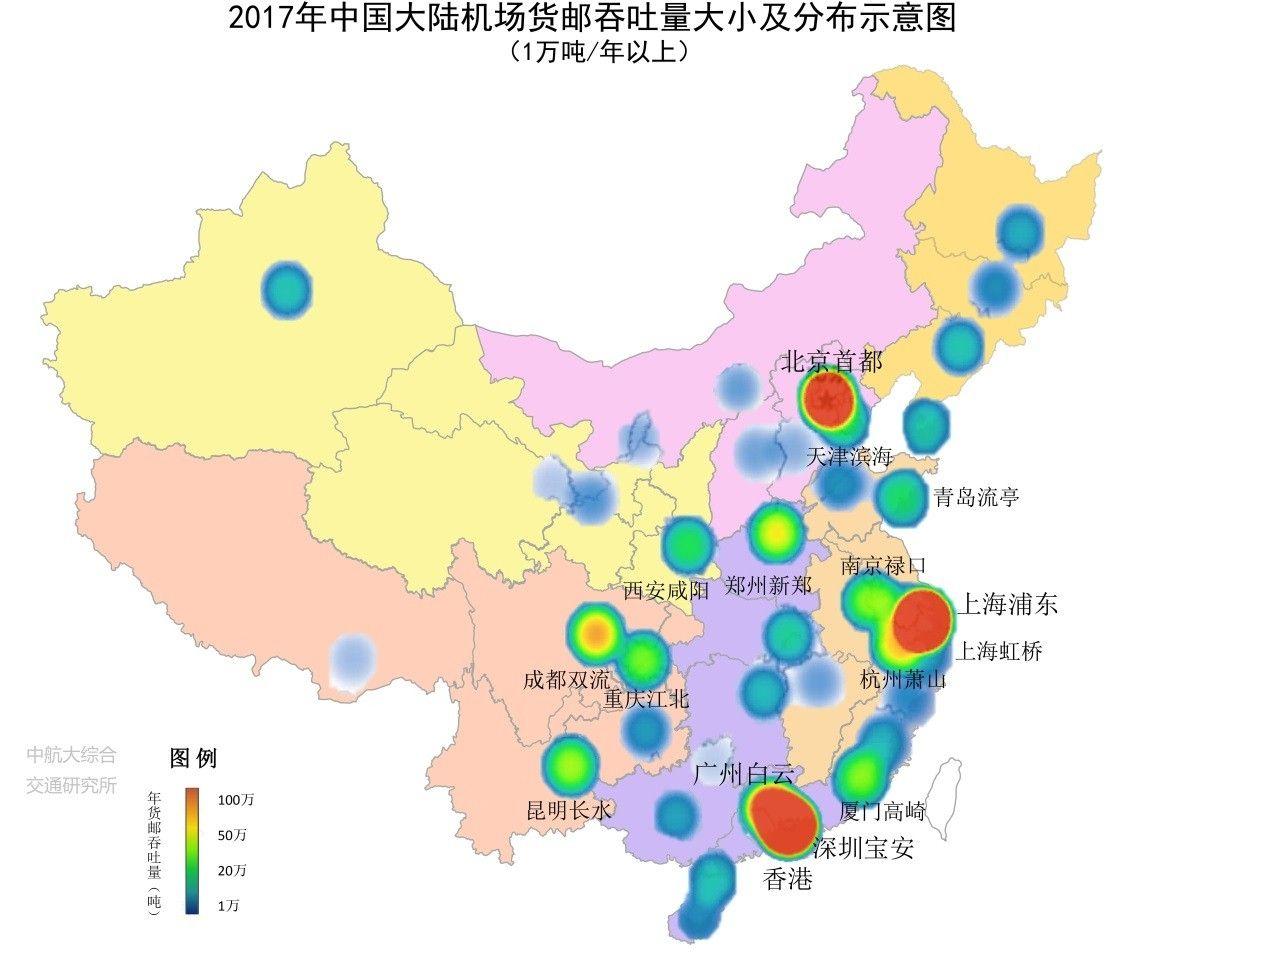 2017年中国内地机场货邮吞吐量大小及分布示意图